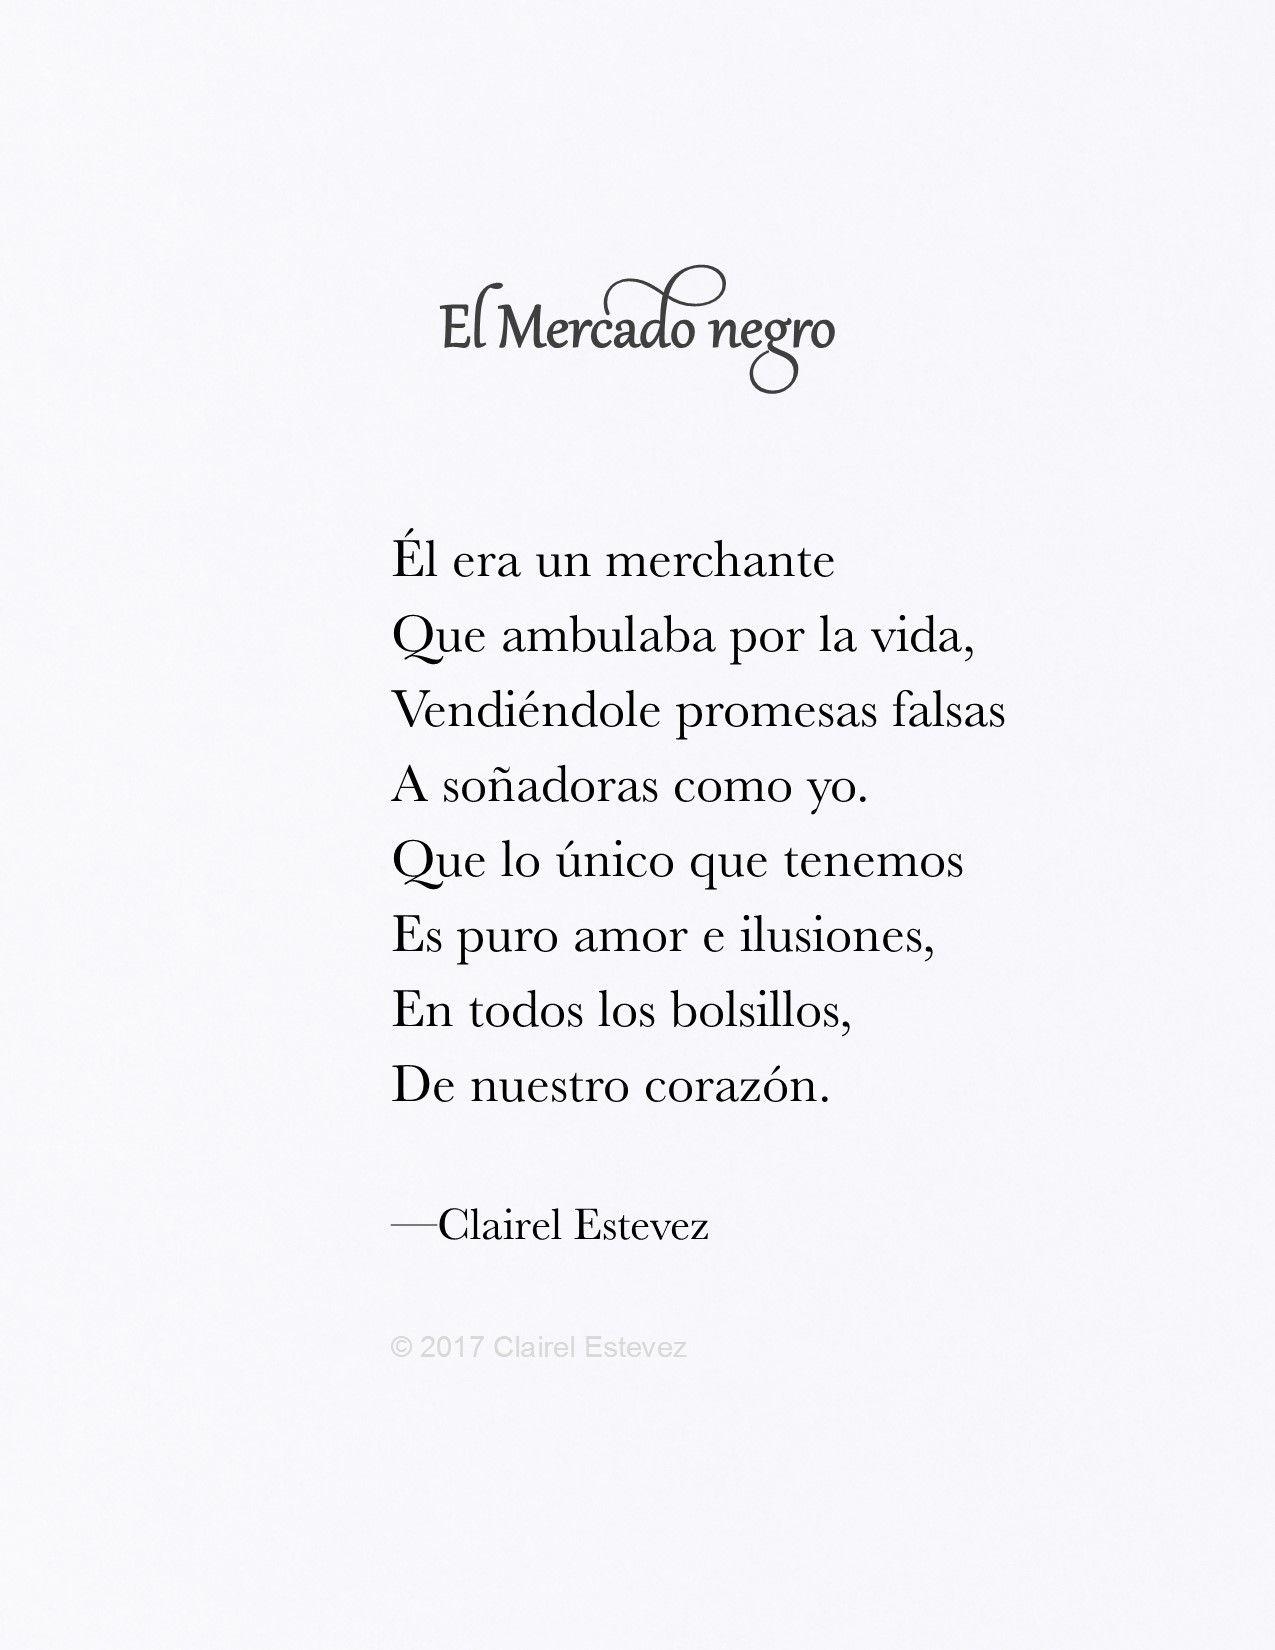 Poema de amor Por Clairel Estevez es Instagram clairelestevez